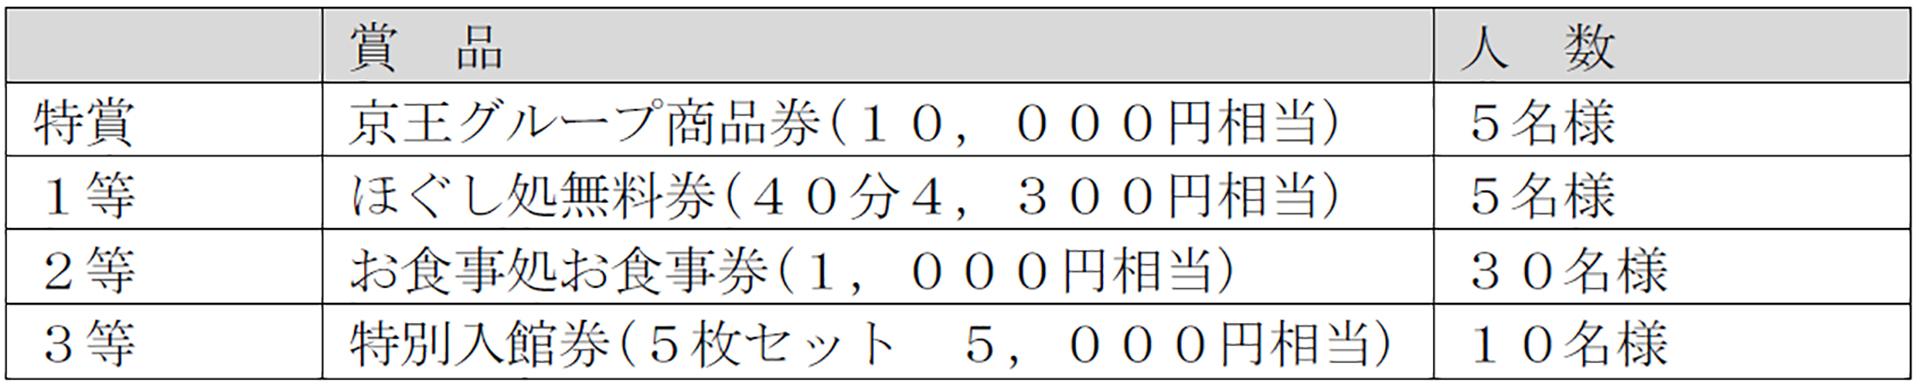 京王高尾山温泉 / 極楽湯はオープン5周年イベント